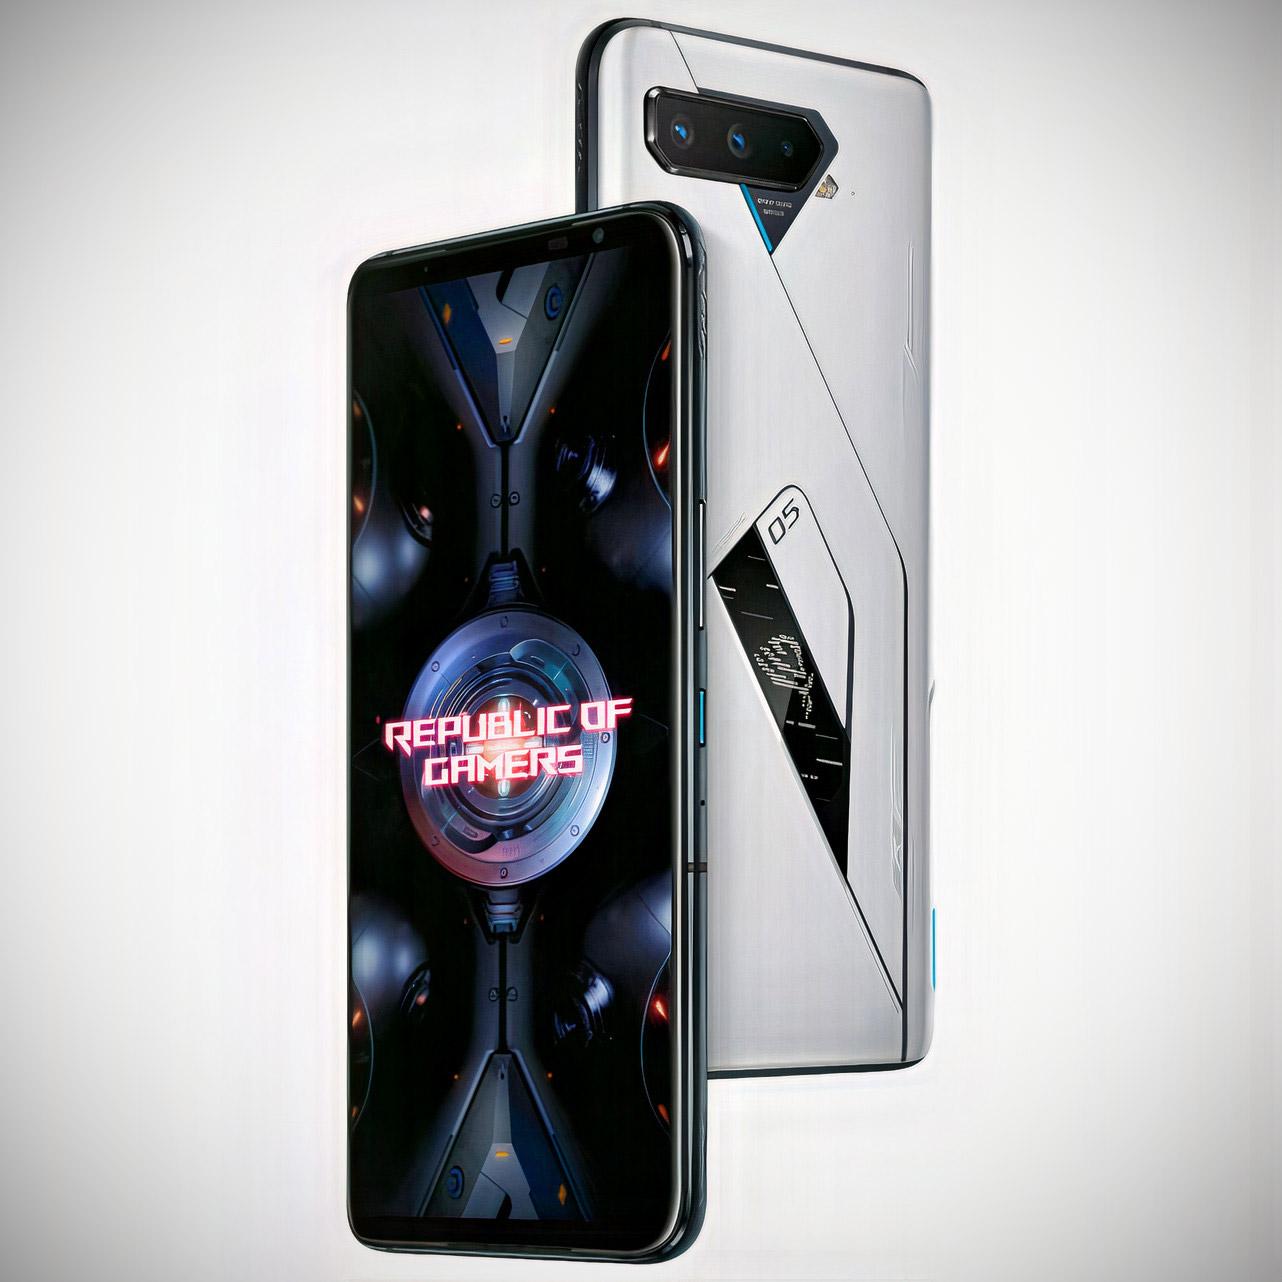 ASUS ROG Phone 5 Republic of Gamers Ultimate